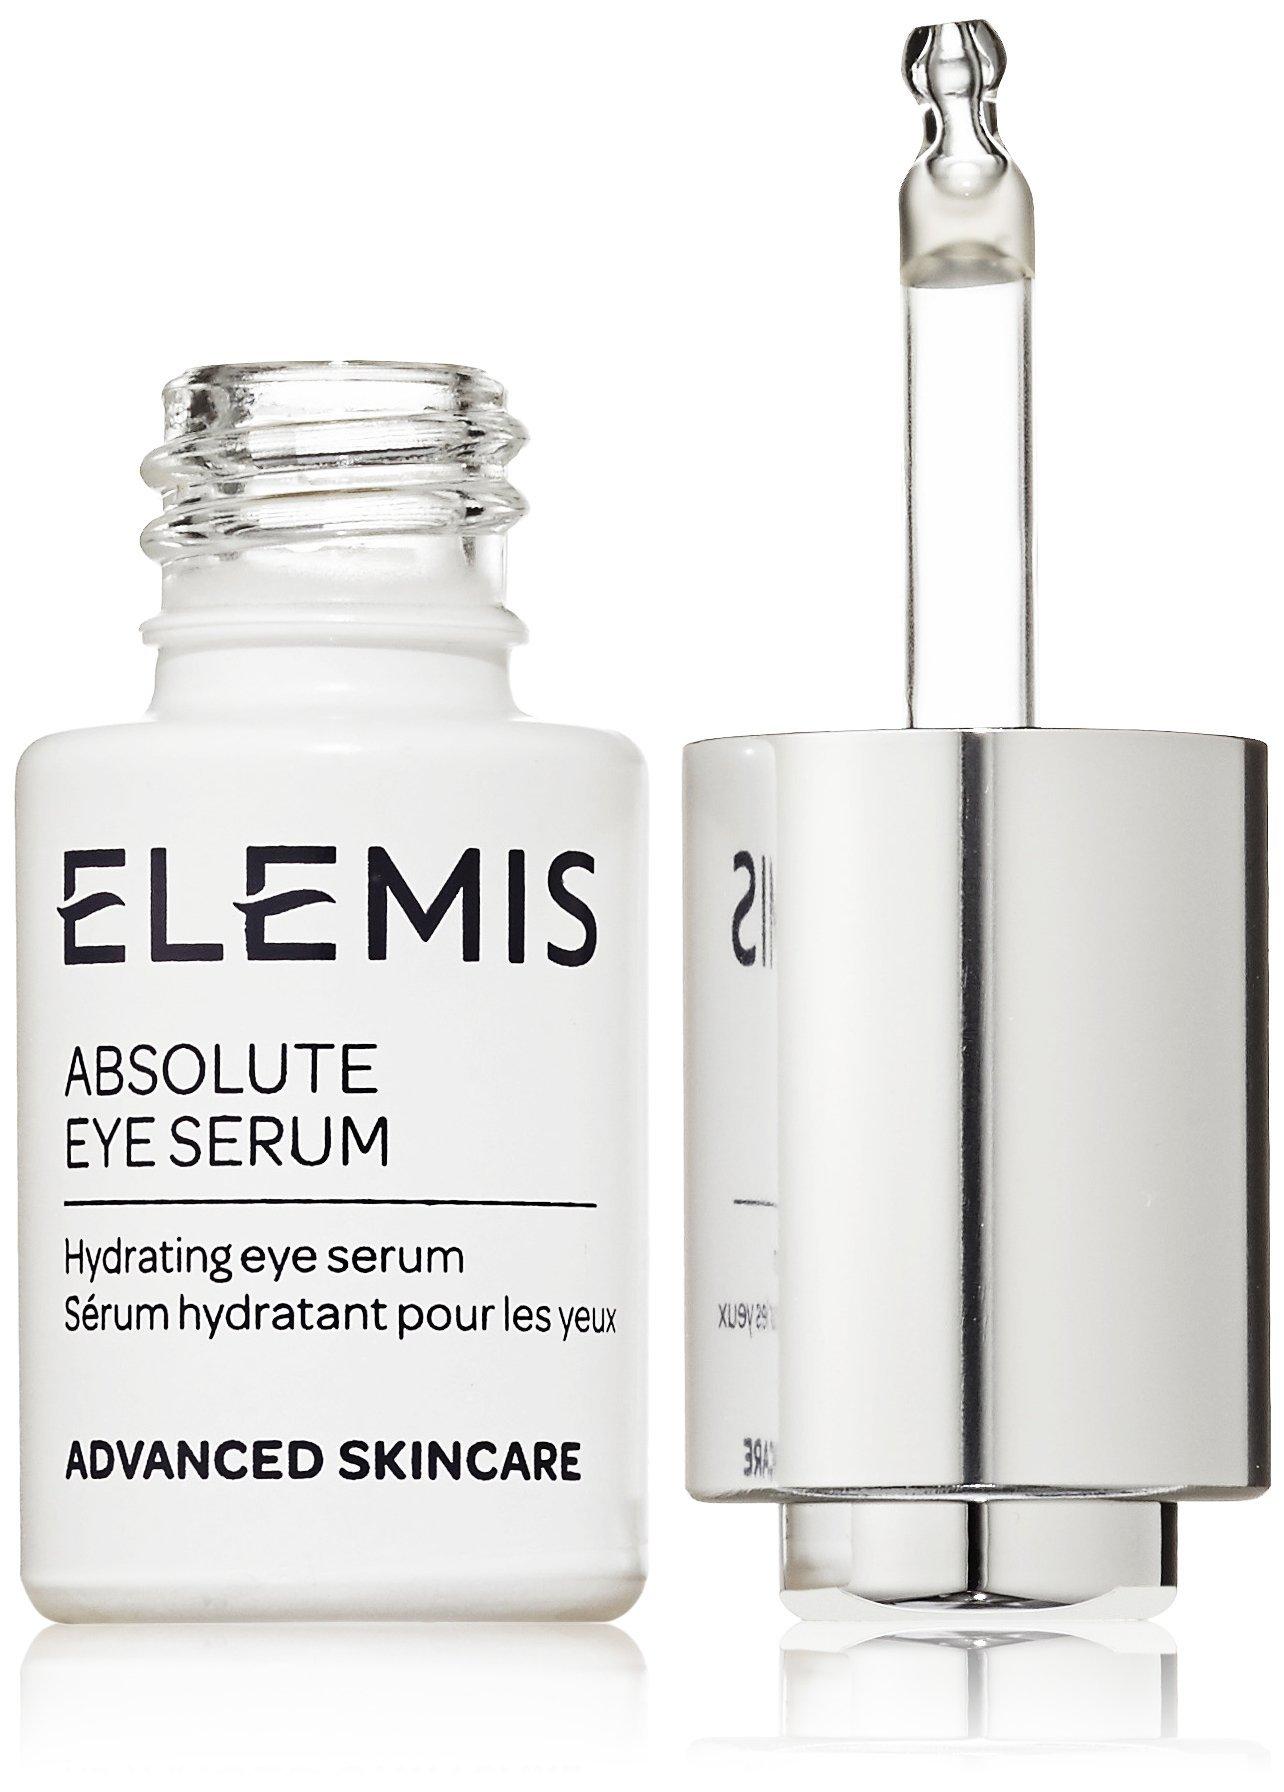 ELEMIS Absolute Eye Serum, Hydrating Eye Serum, 0.5 fl. oz. by ELEMIS